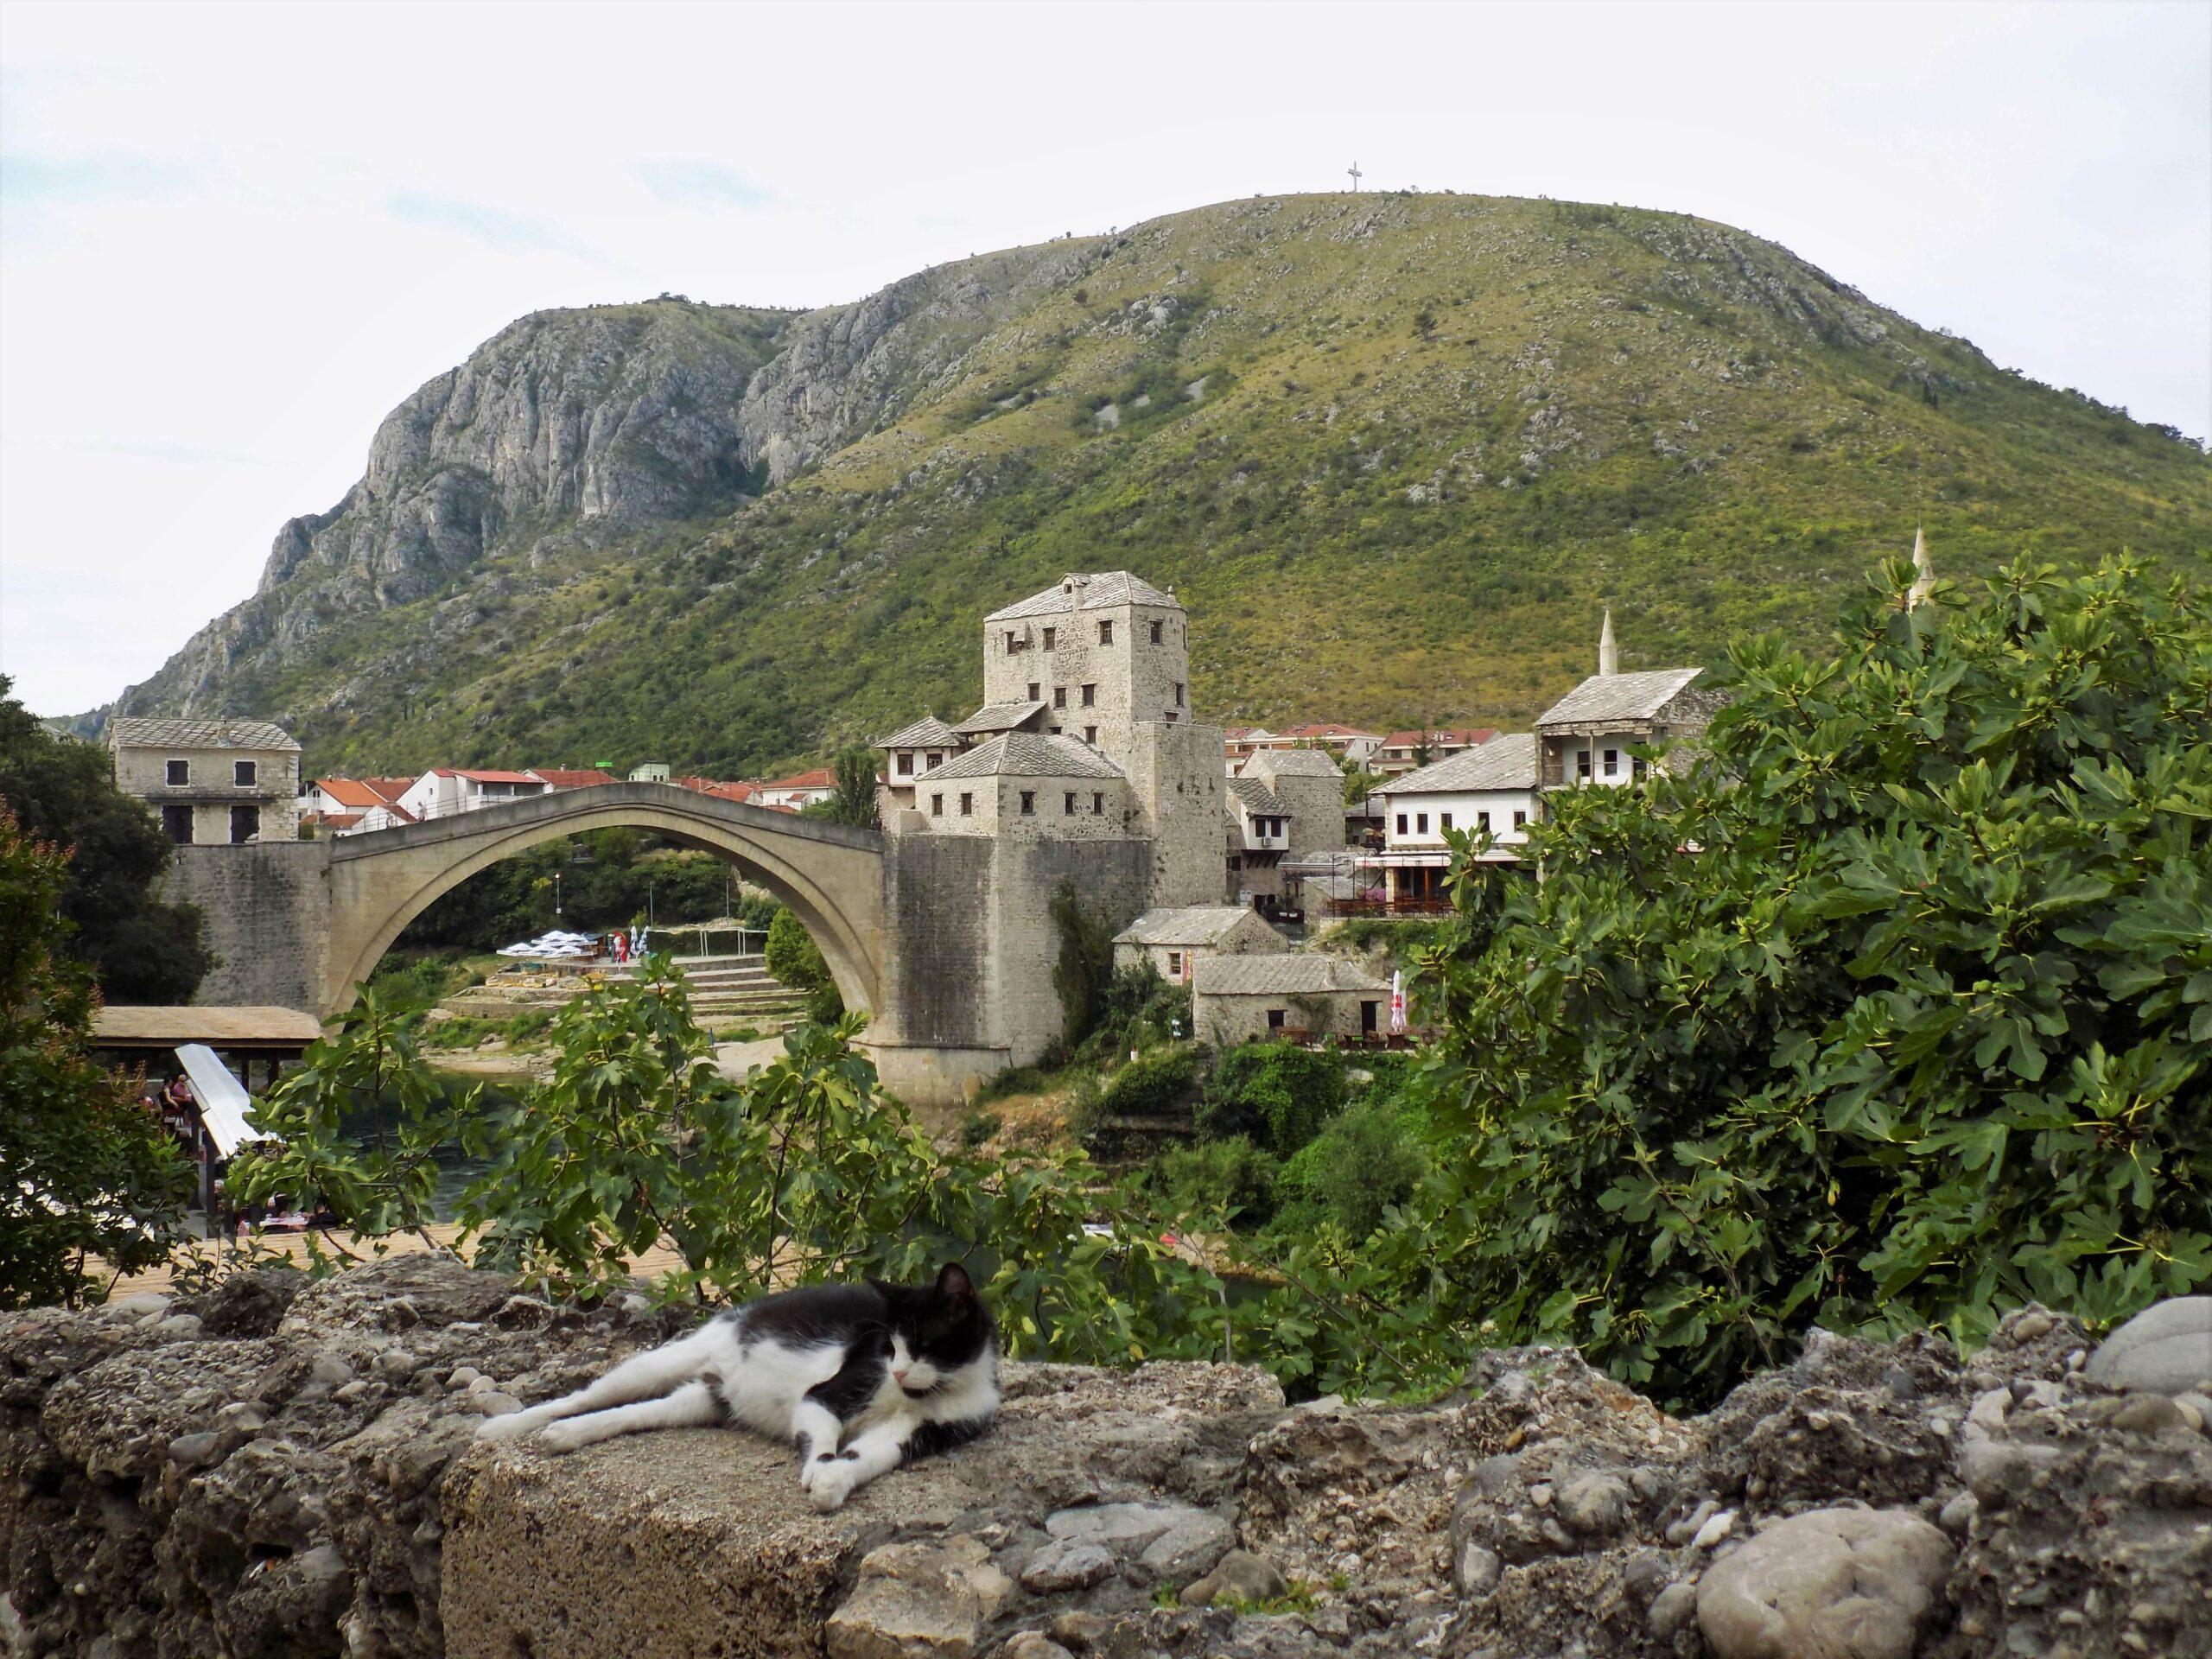 Mostar Stari grad